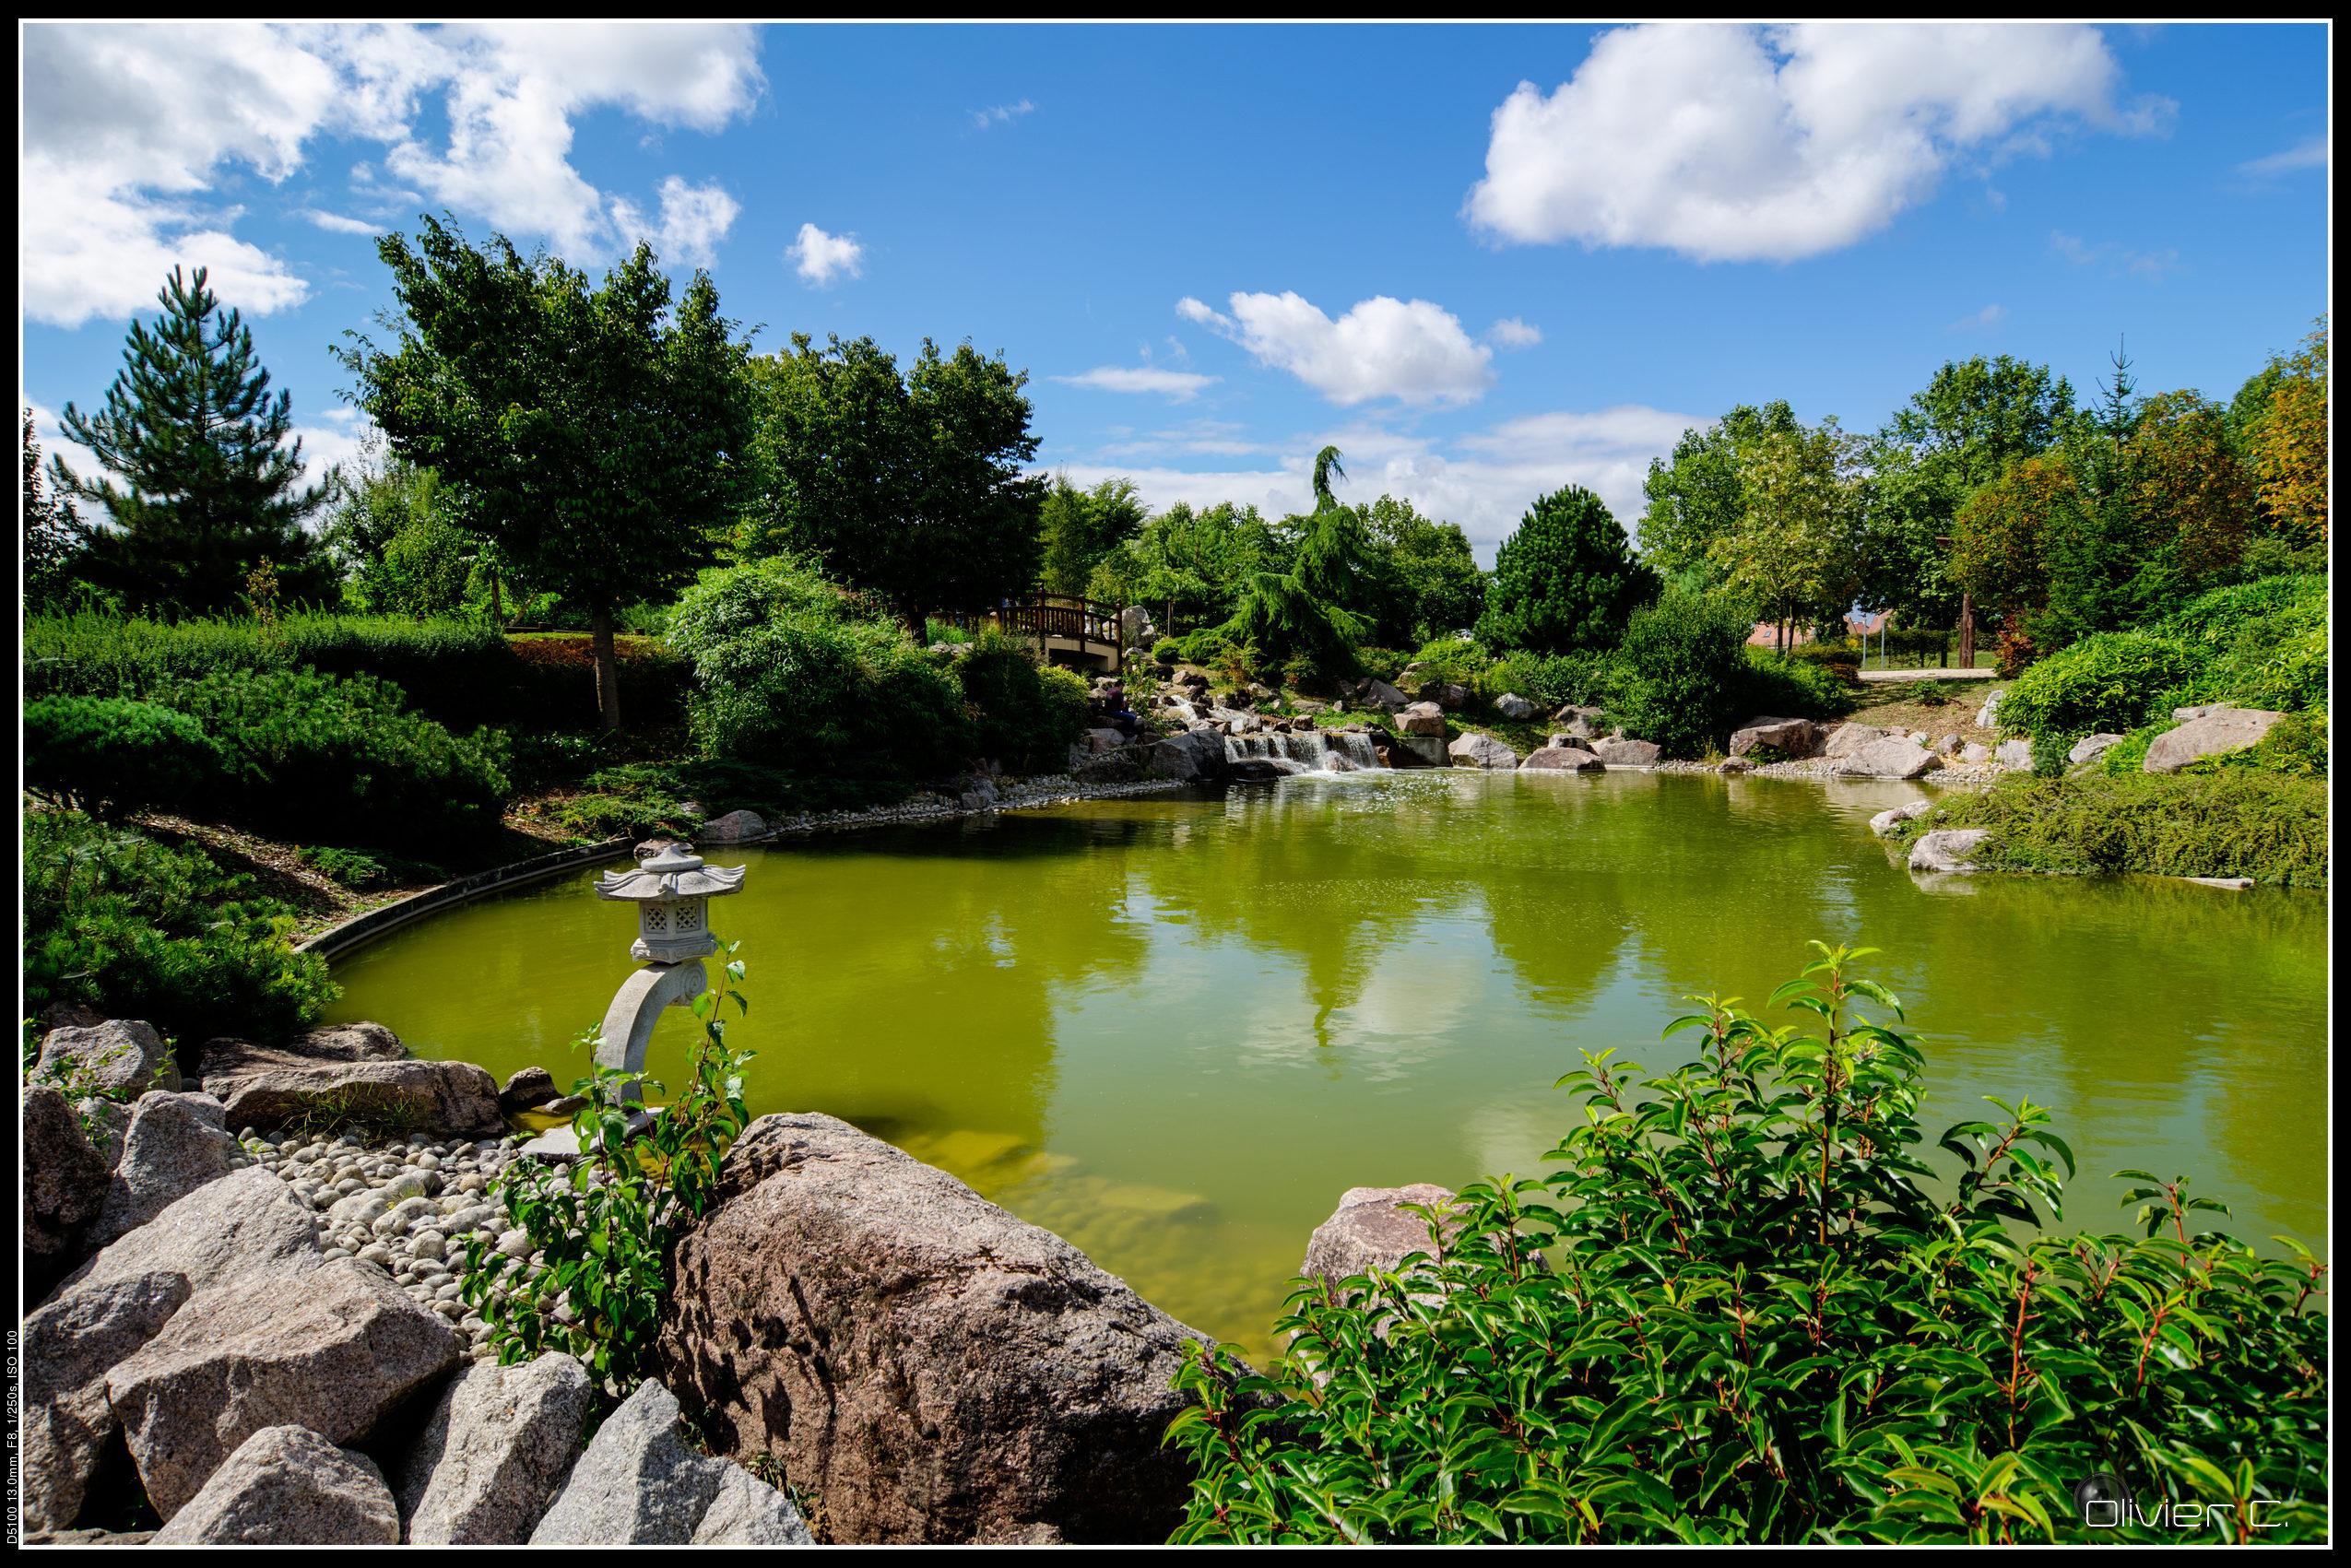 Le jardin japonais de dijon oliver photo blog for Jardin japonais dijon